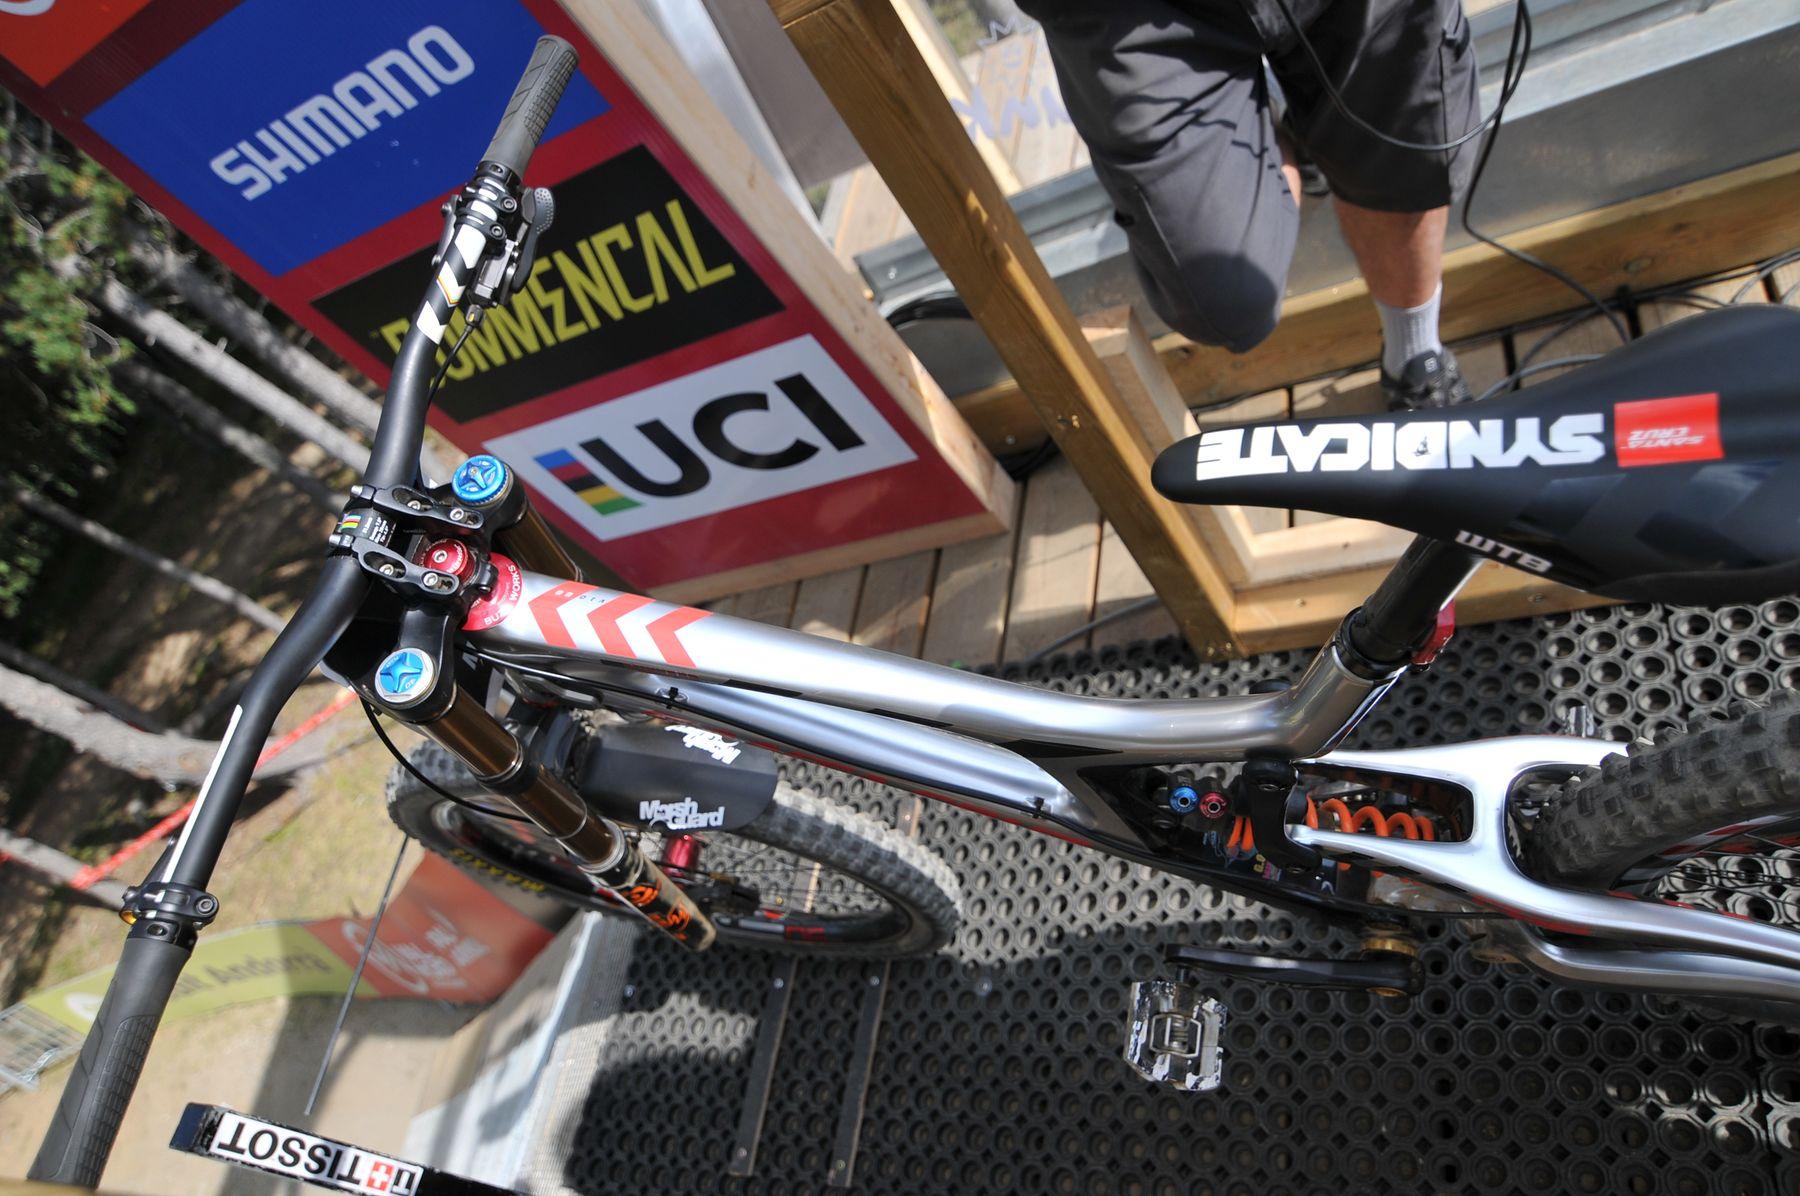 La bici de Greg Minnaar. ¿Pasará entre los árboles?